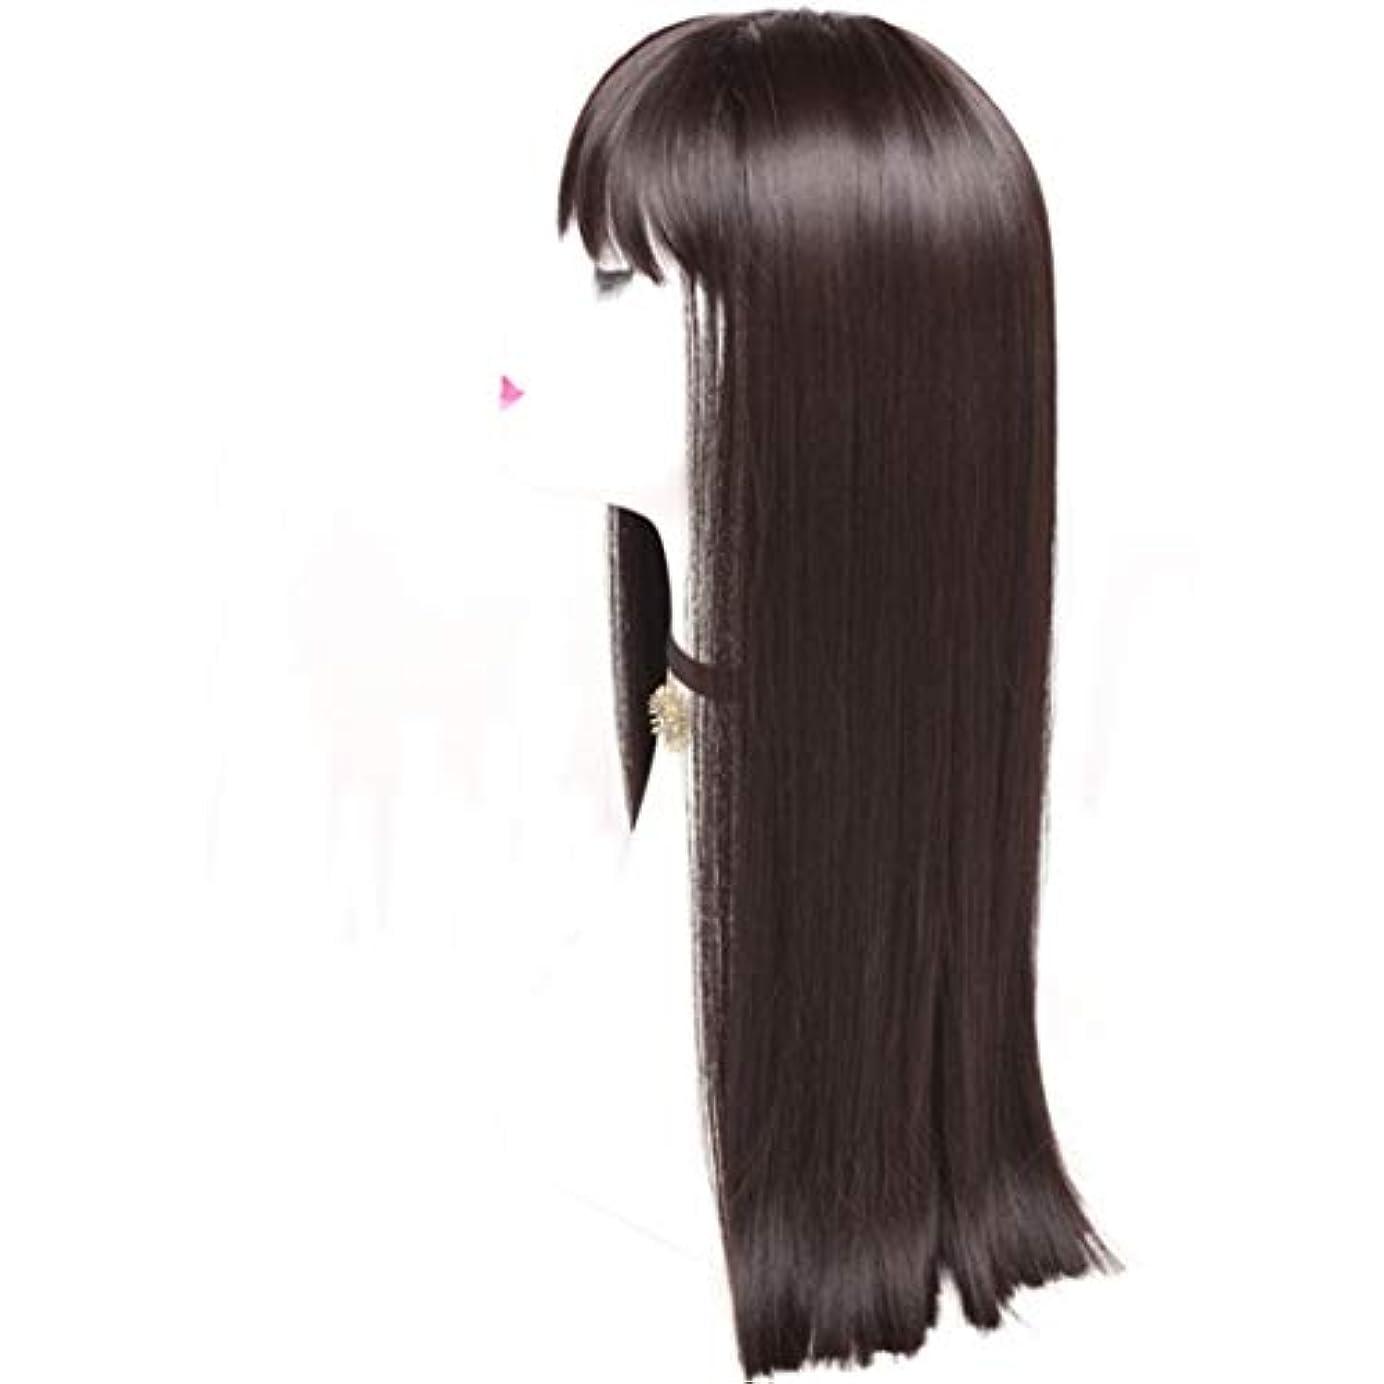 珍味ブラケット死すべきKerwinner レディースかつら魅力的な合成かつらで長いストレートの髪をかつら